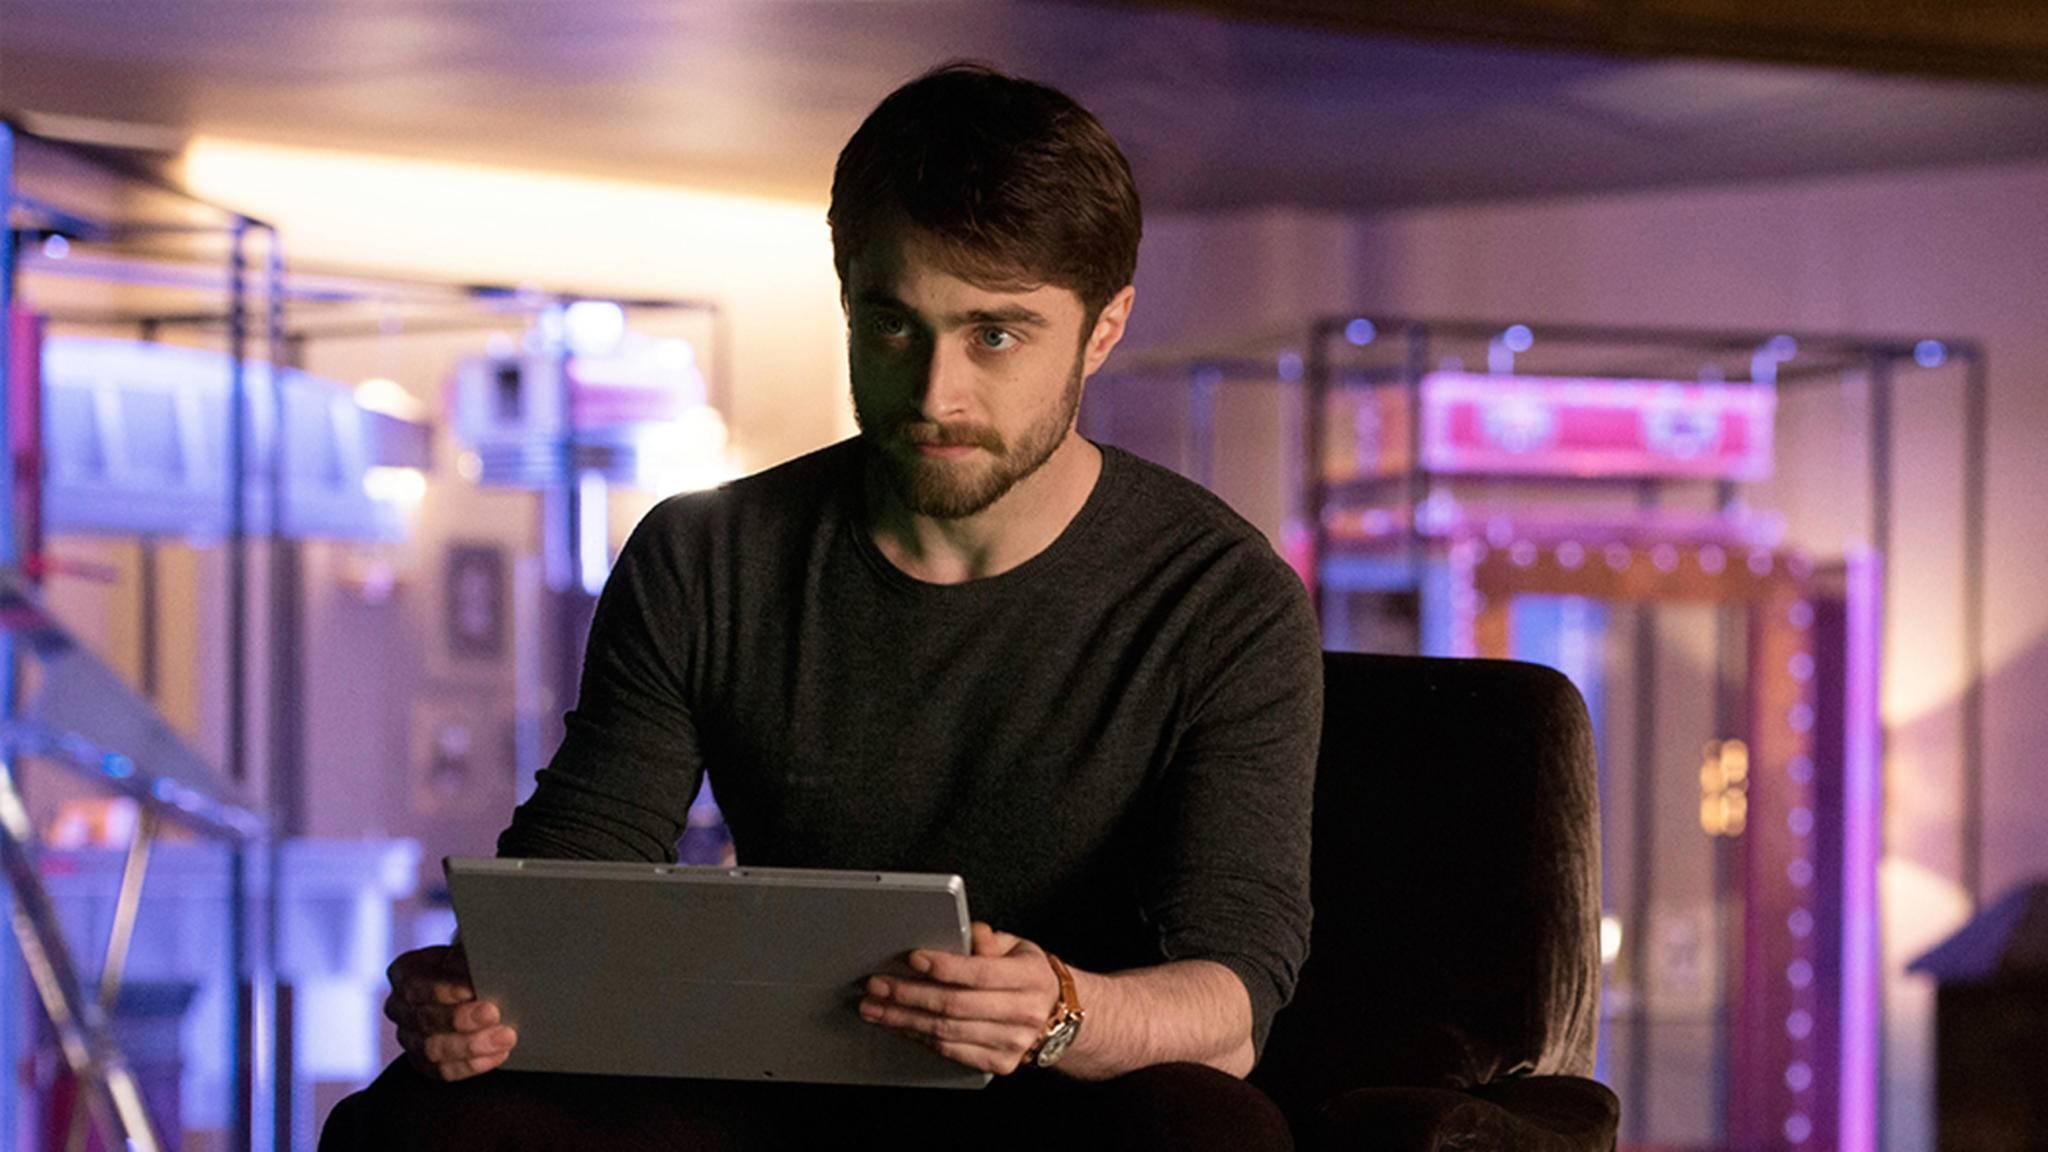 Daniel Radcliffe Filme: Von Harry Potter bis Victor Frankenstein